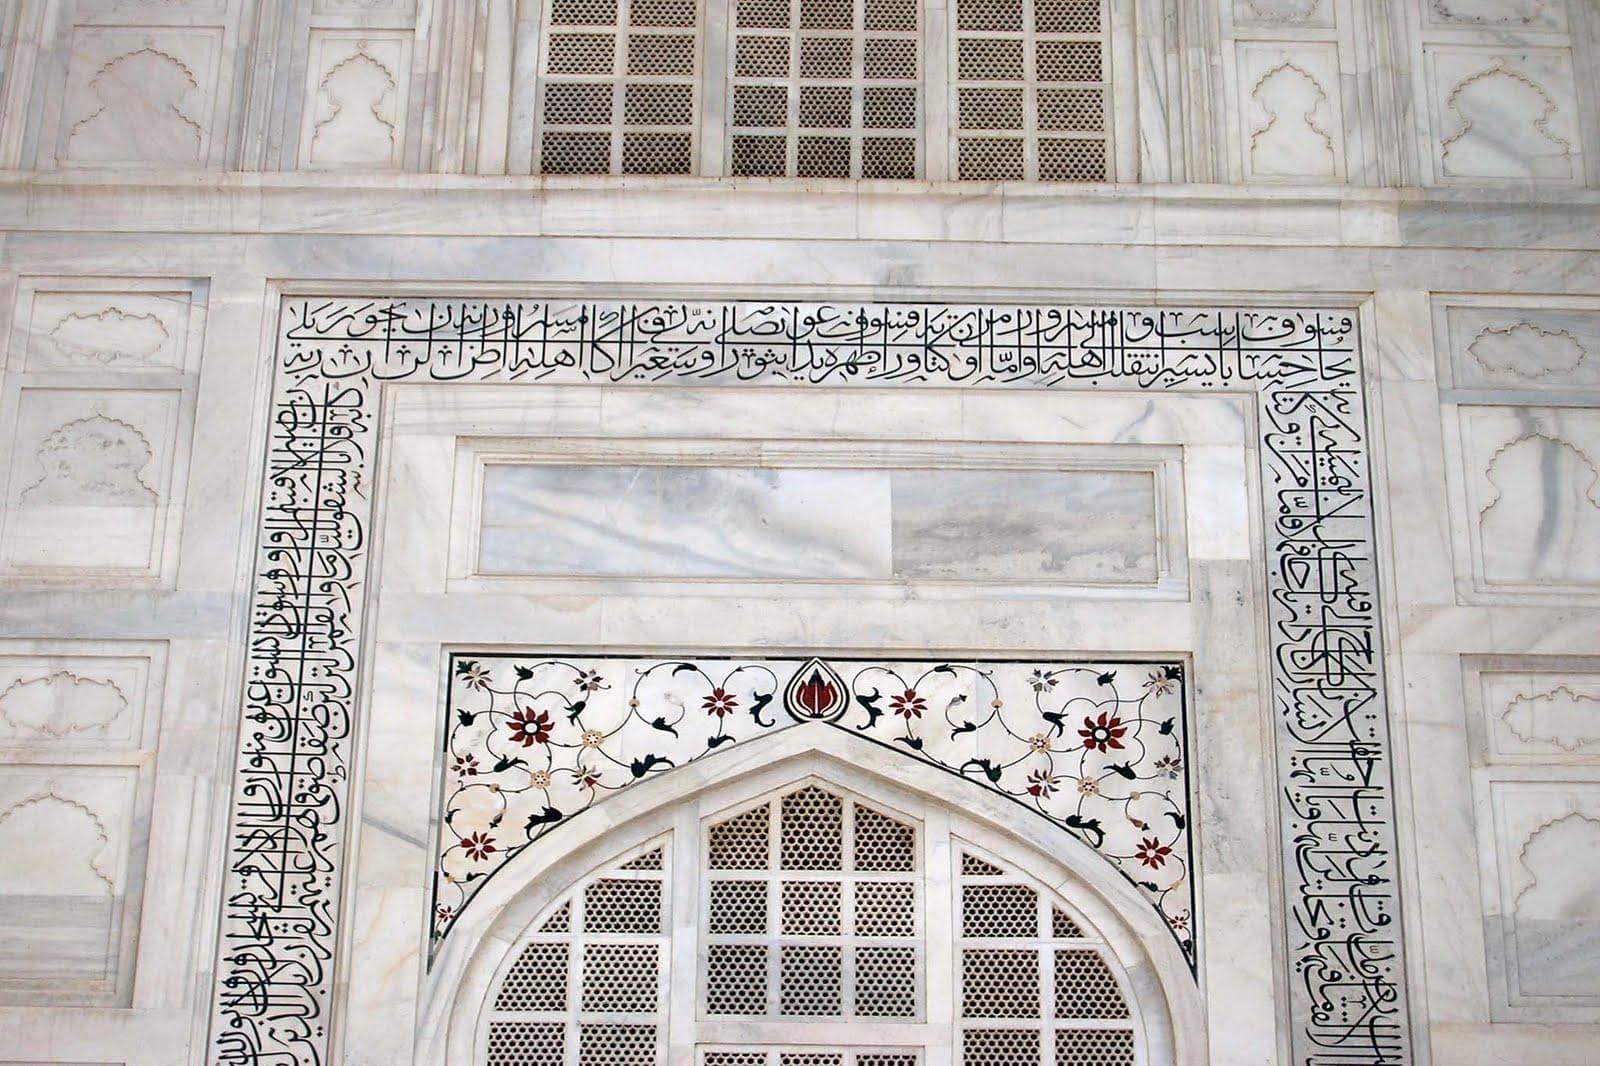 الخط العربي في الهند